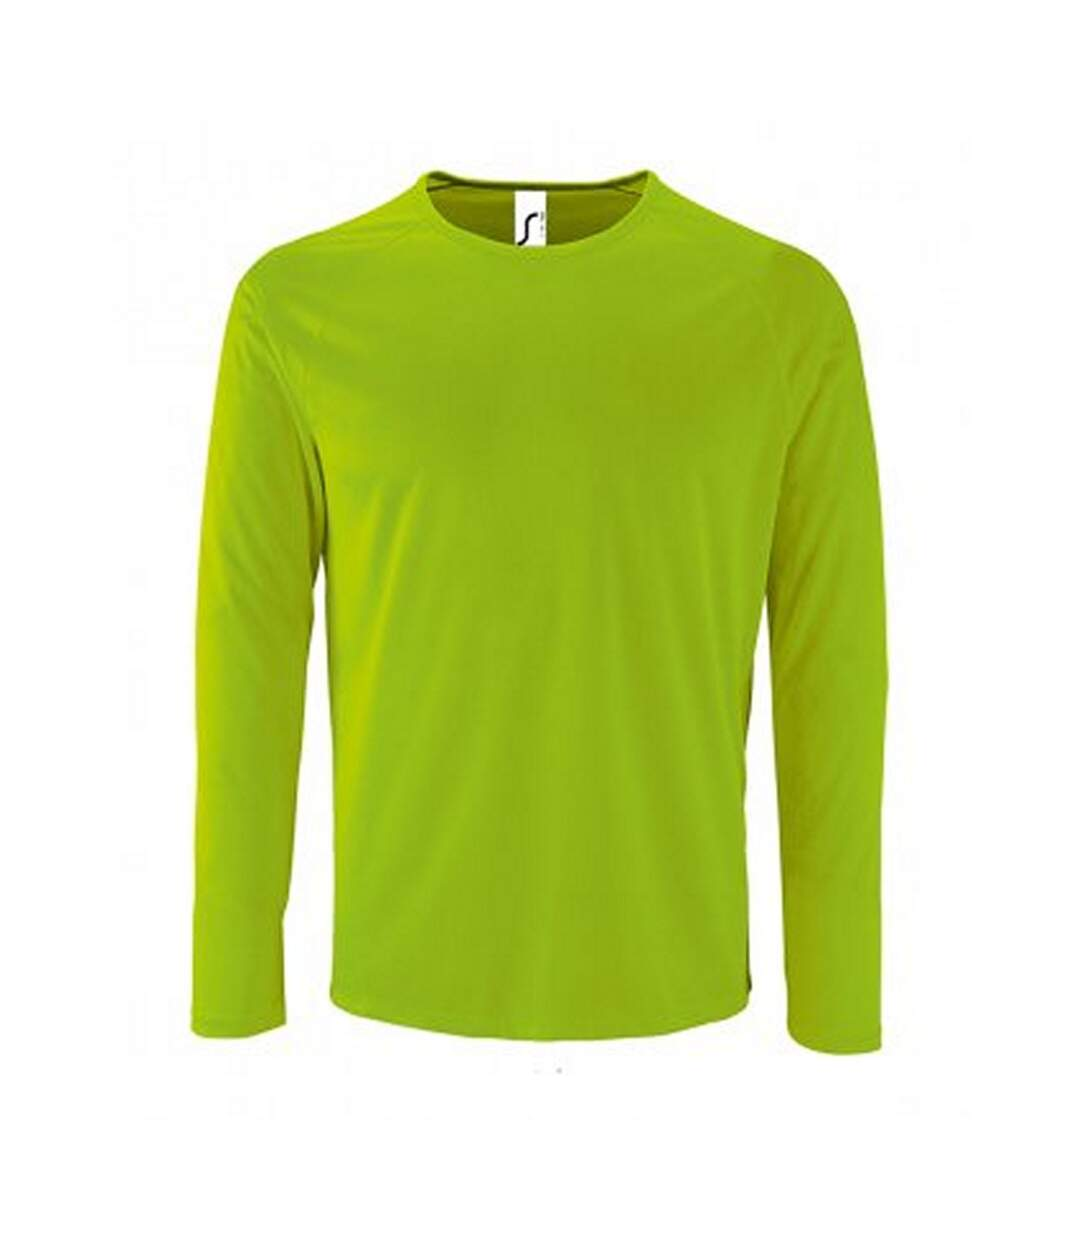 SOLS - T-shirt à manches longues PERFORMANCE - Homme (Vert néon) - UTPC2903